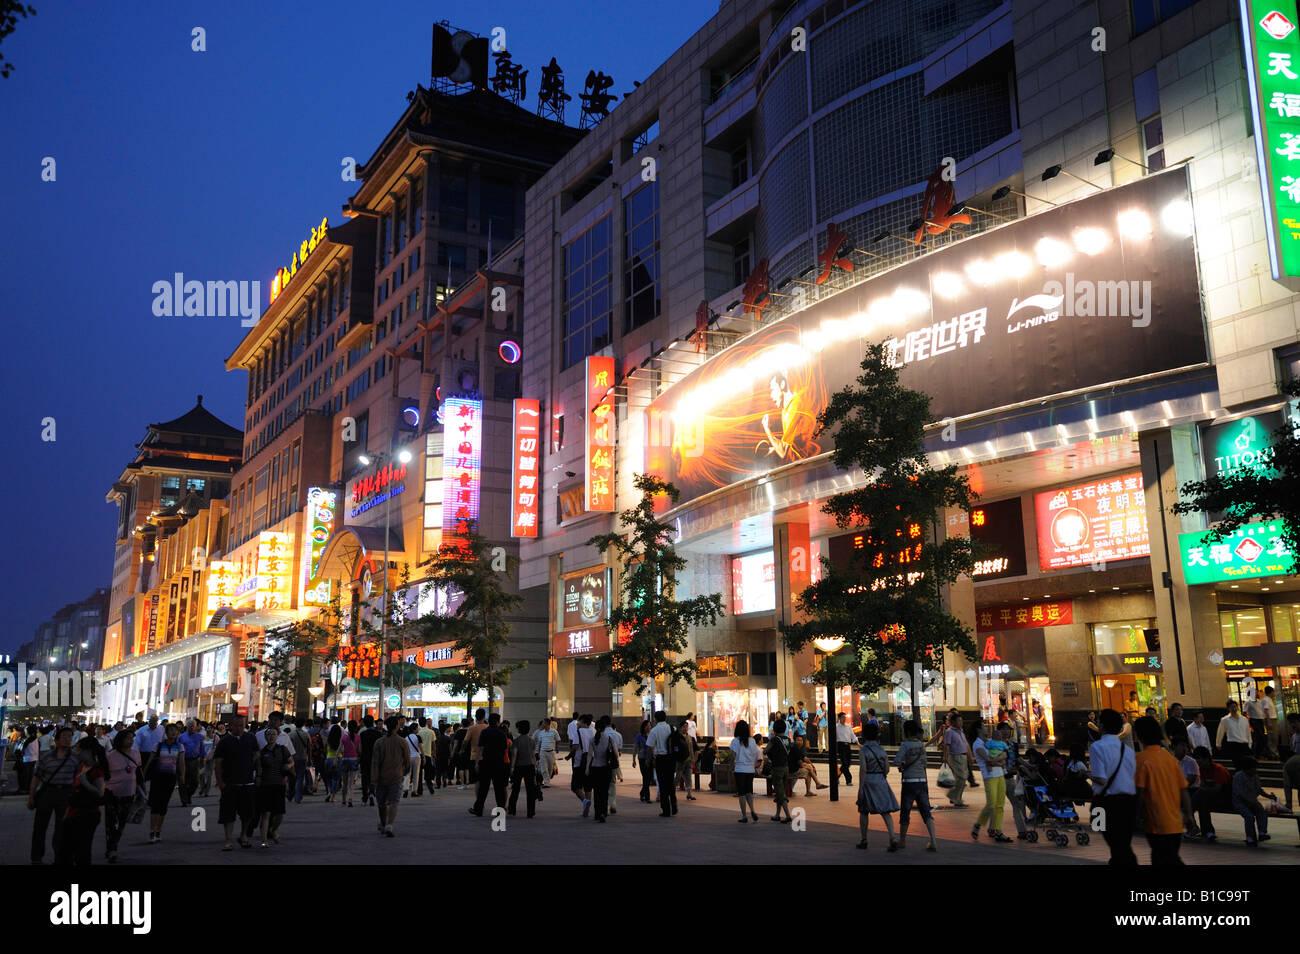 Wangfujing Street in Beijing China. 12-Jun-2008 - Stock Image